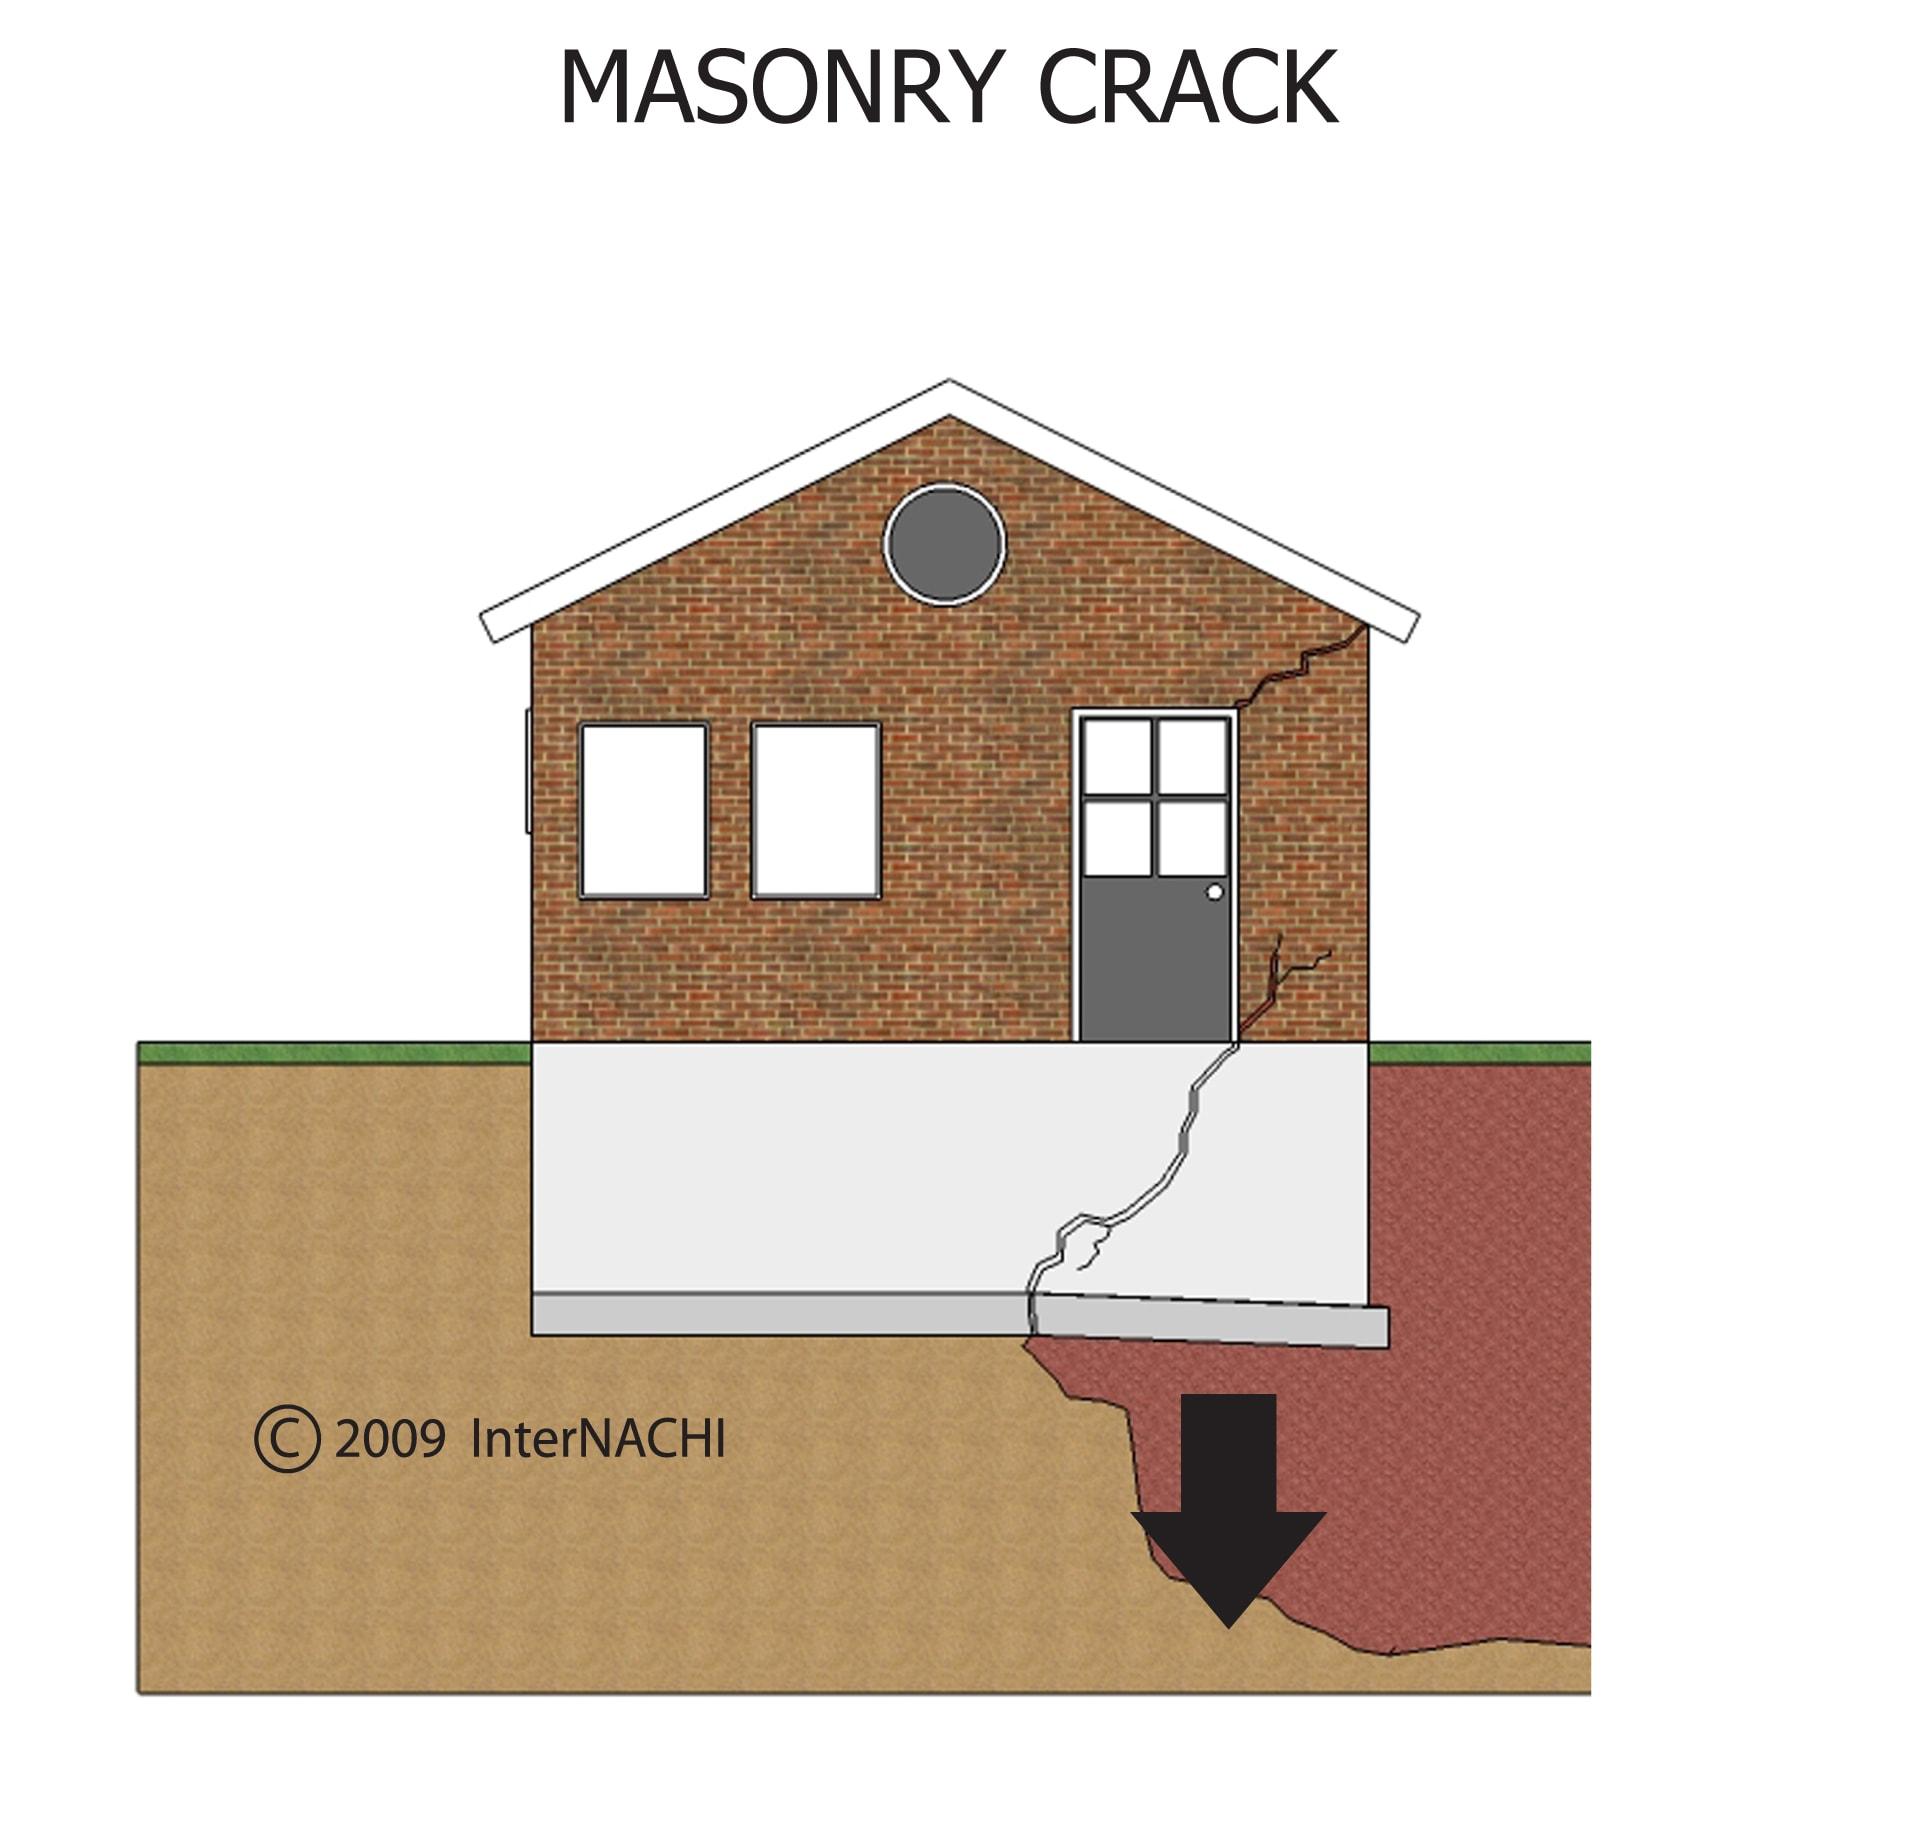 Masonry crack.